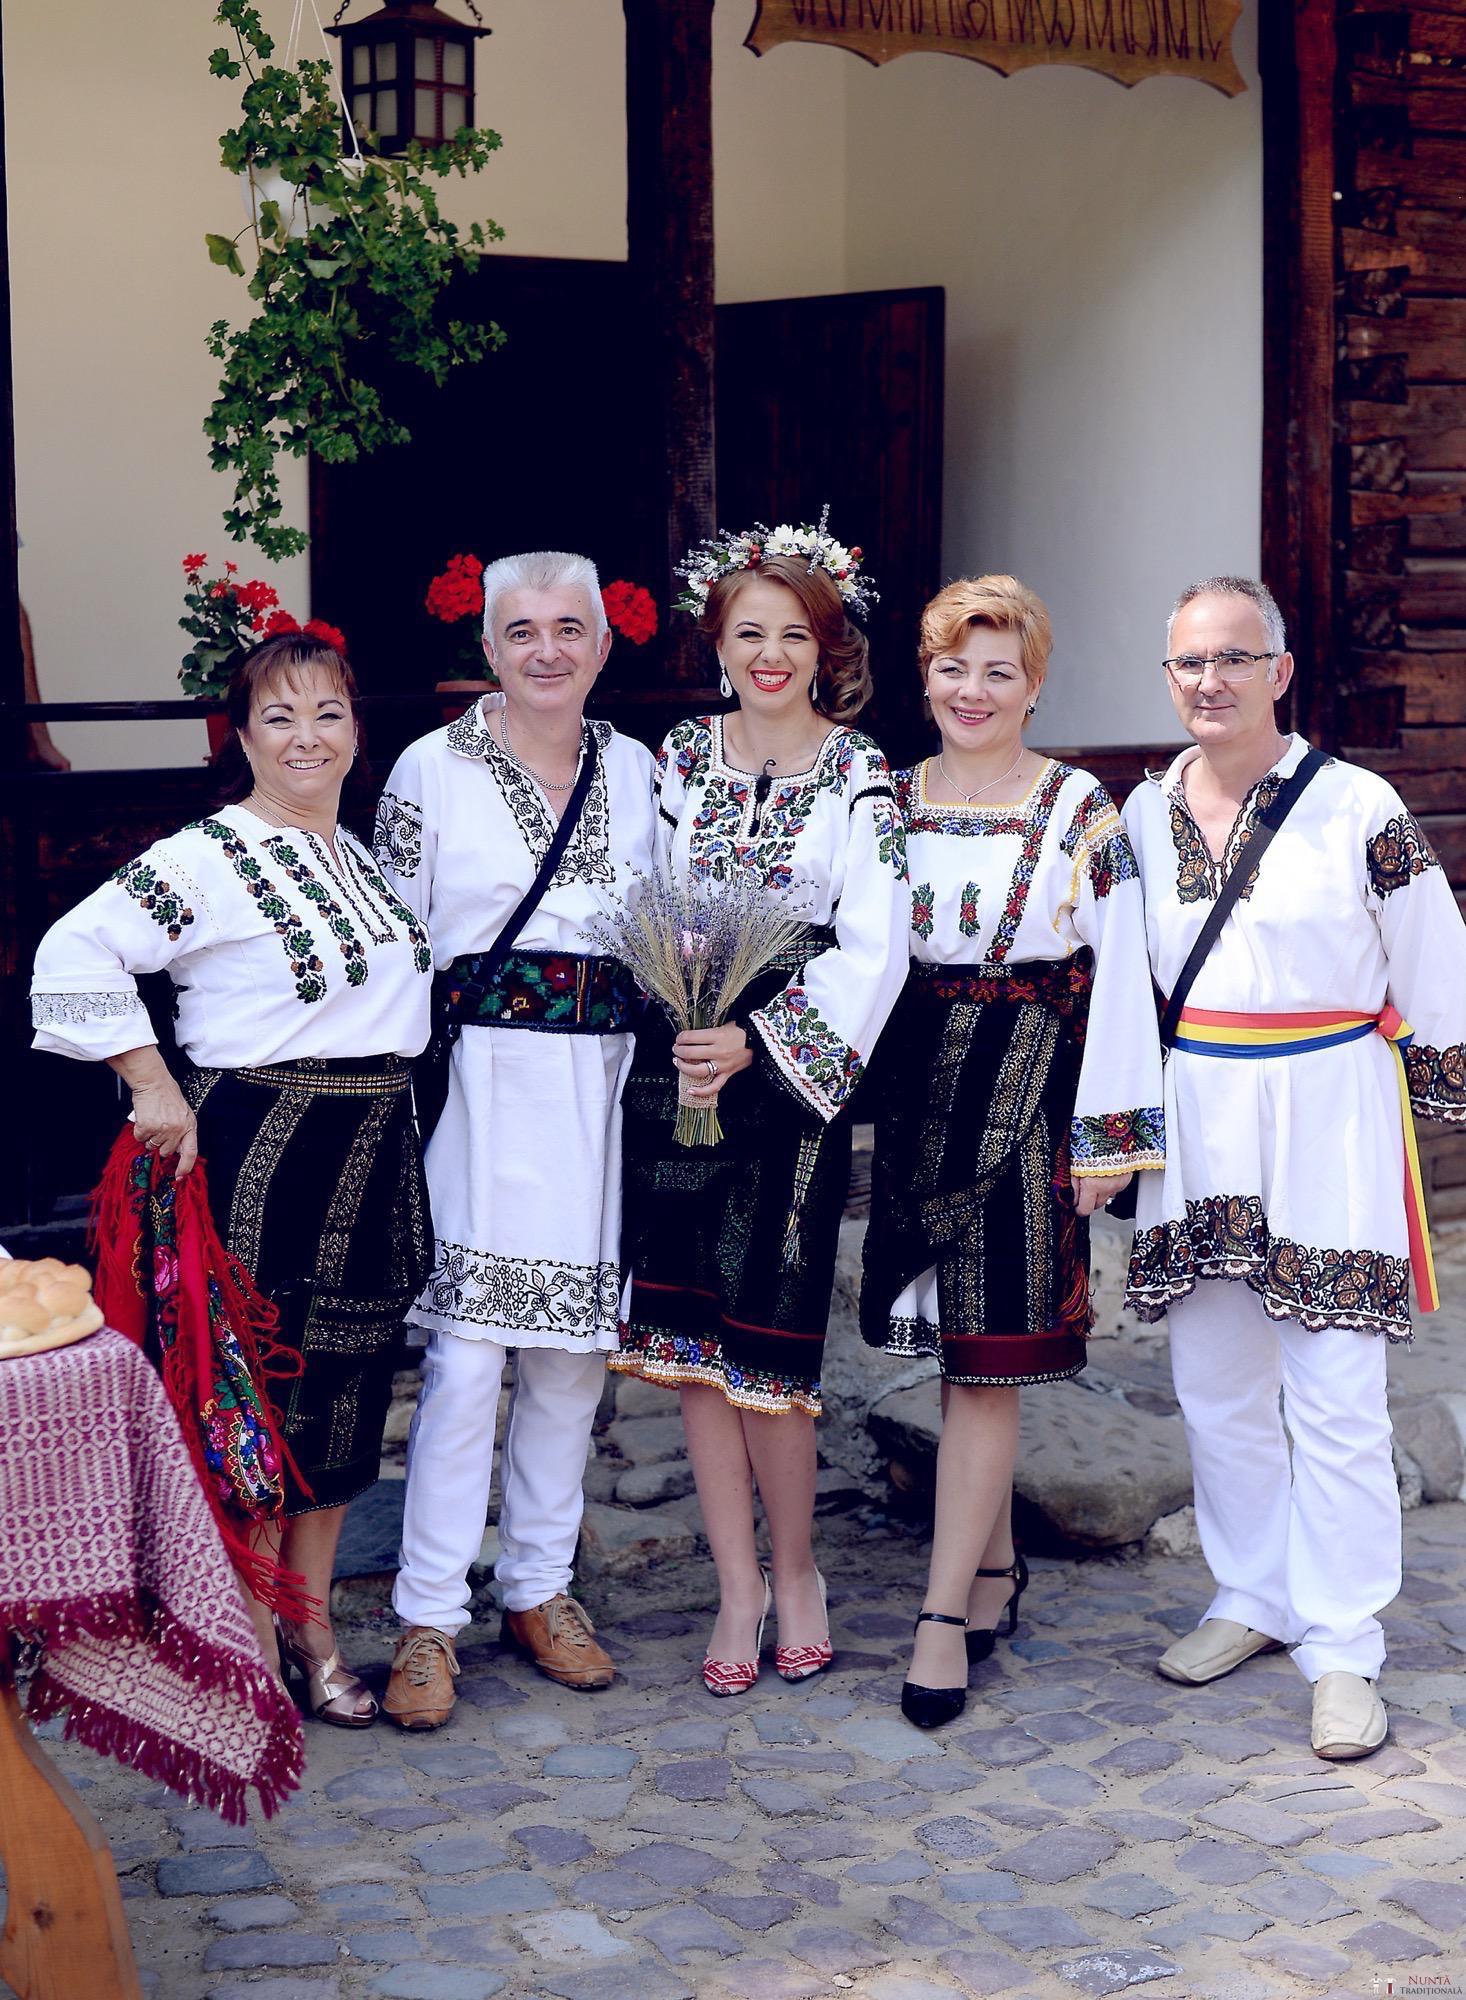 Povești Nunți Tradiționale - Iulia și Andrei. Nuntă tradițională în Bucovina. 23